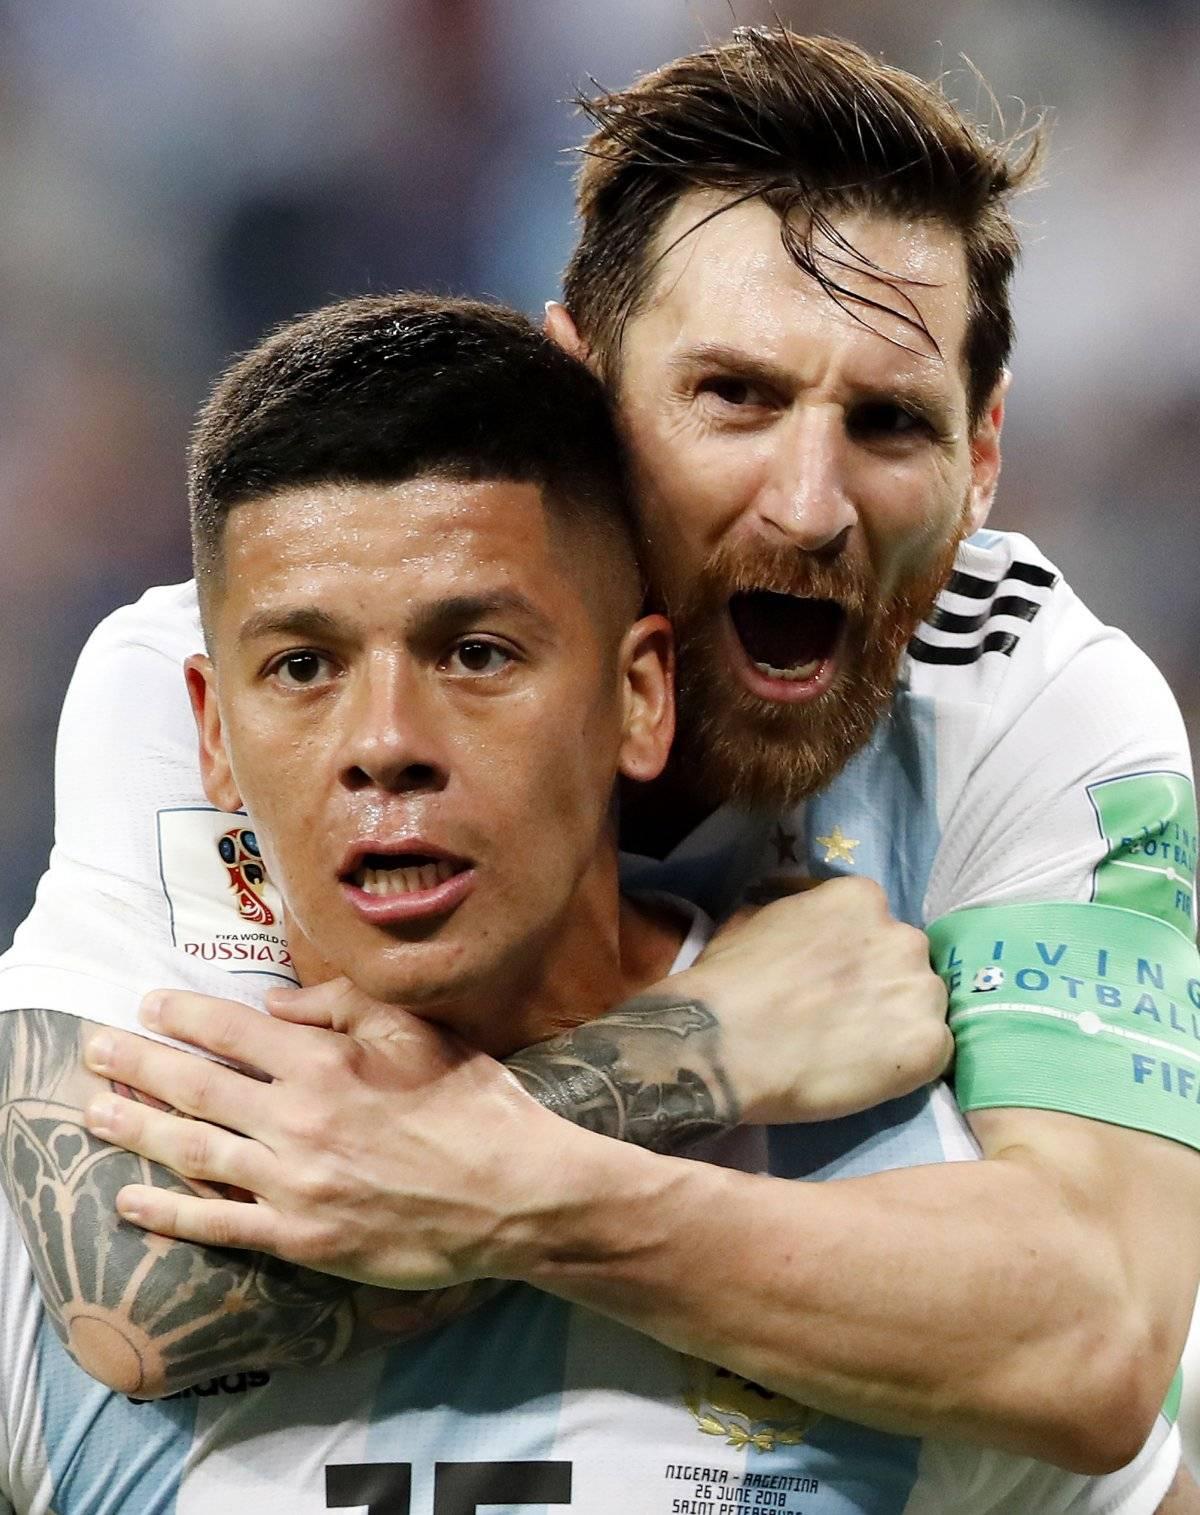 Francia vs Argentina: EN VIVO, ONLINE, hora, alineaciones, canal y fecha de octavos de final del Mundial Rusia 2018 EFE